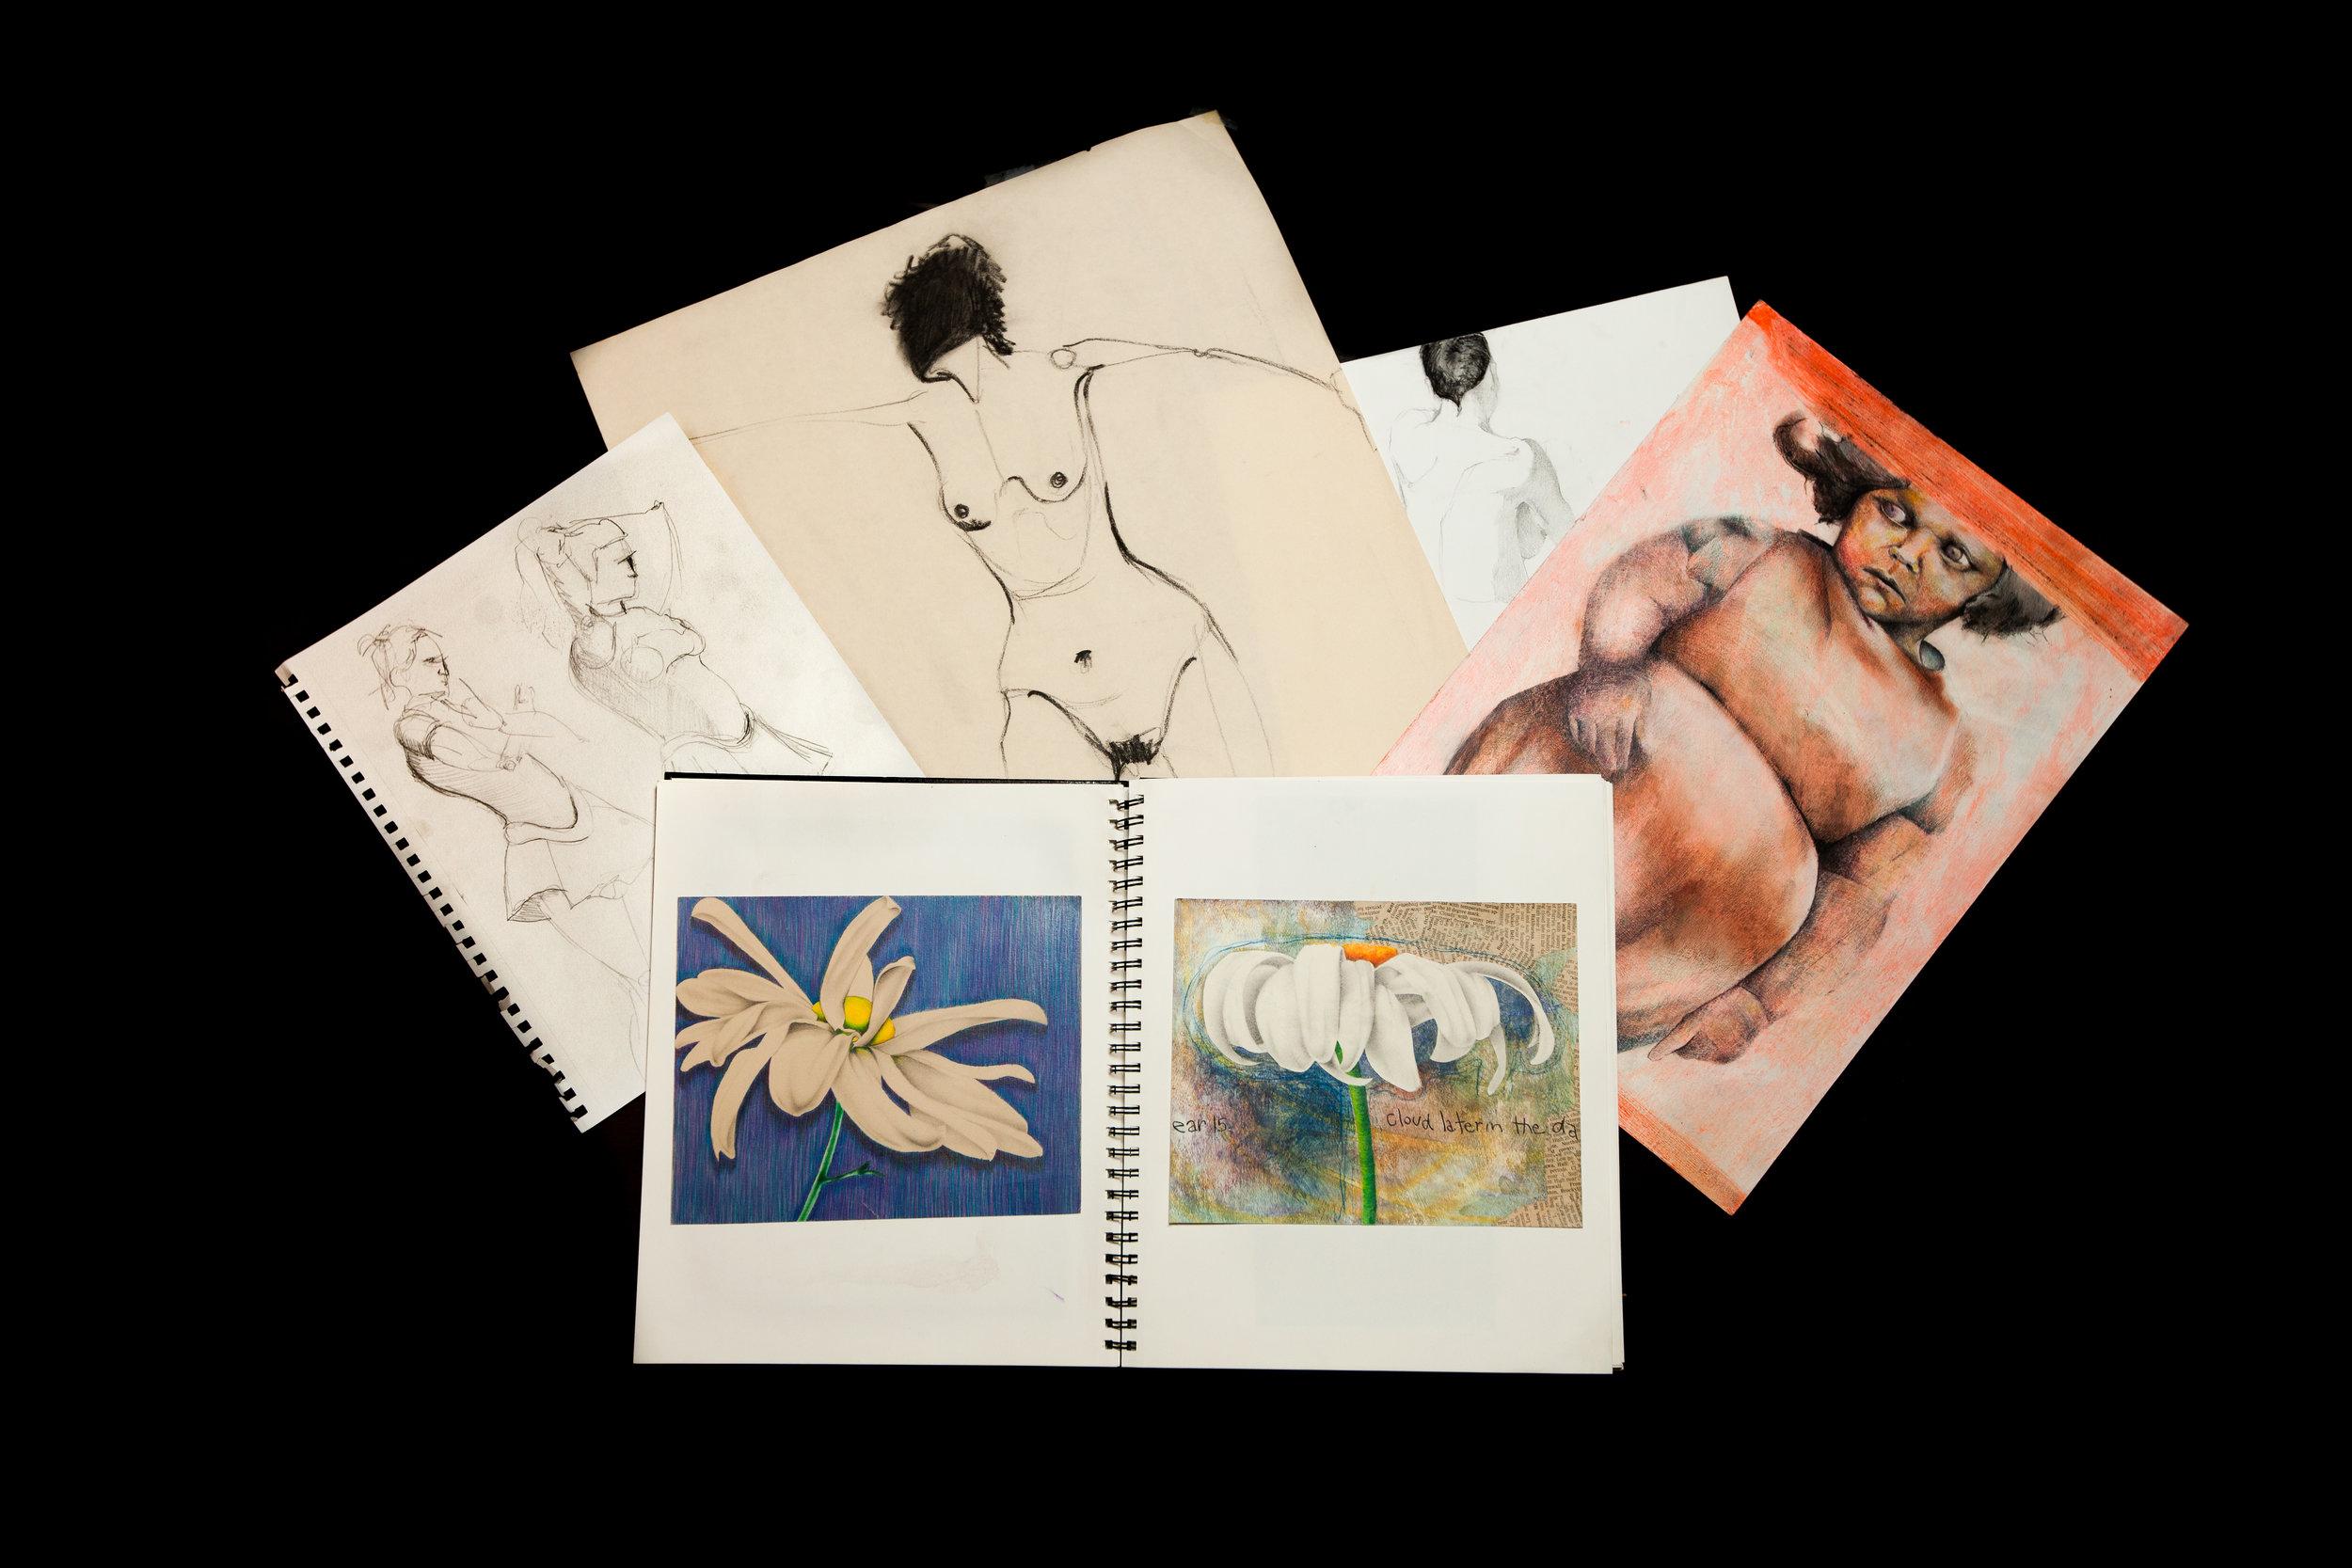 Sketchbook Two